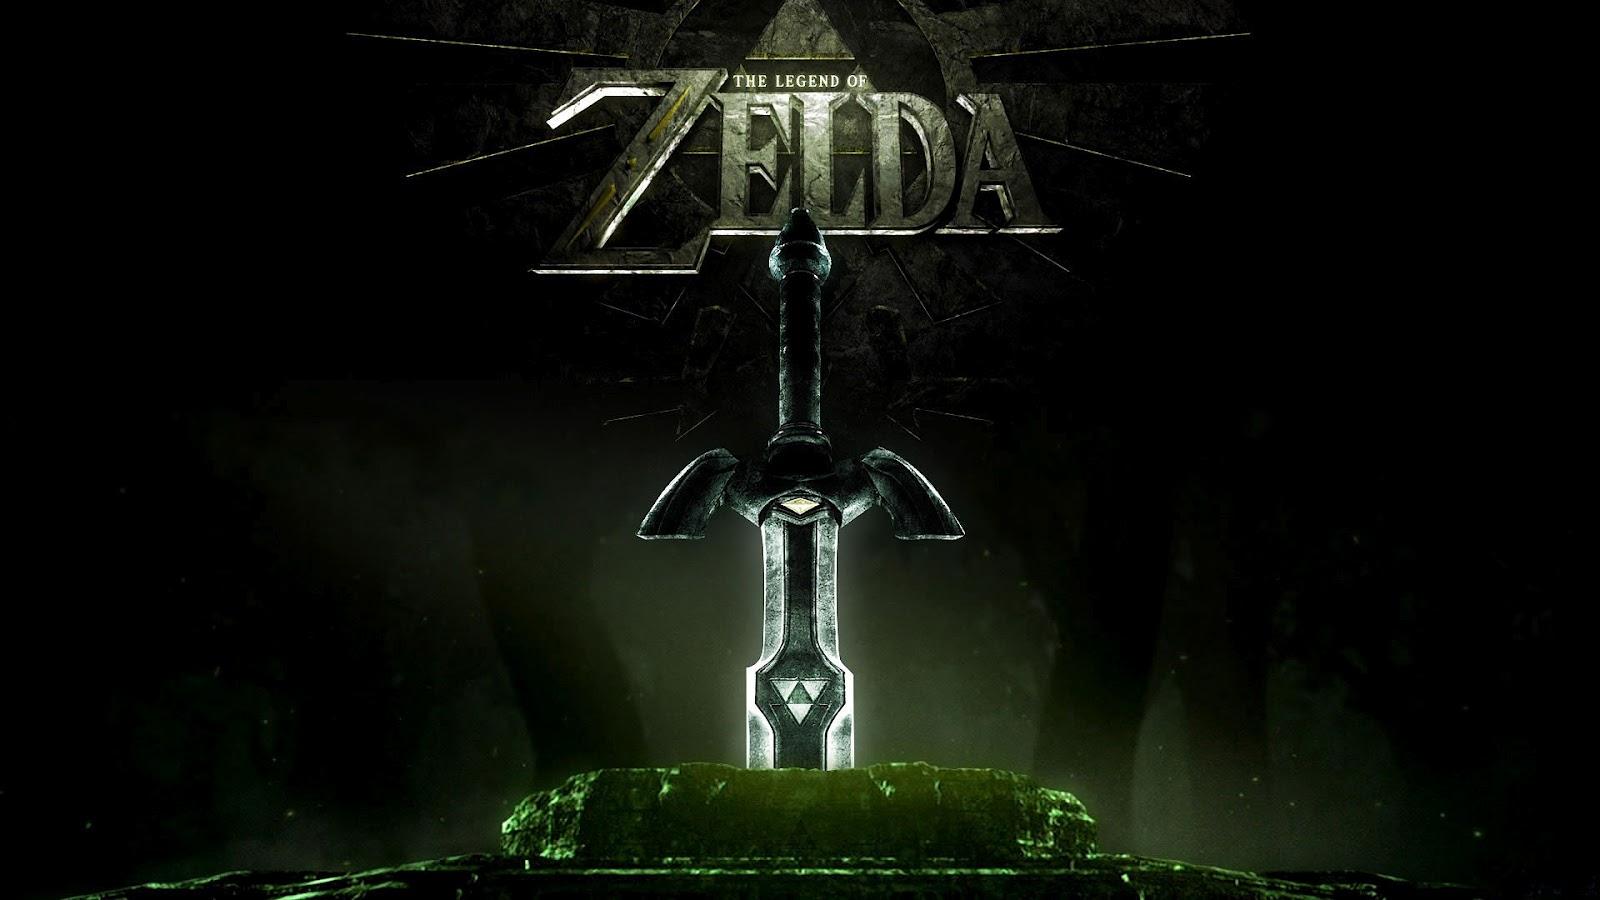 Zwarte game wallpaper van The Legend of Zelda met tekst Zelda en groot 1600x900